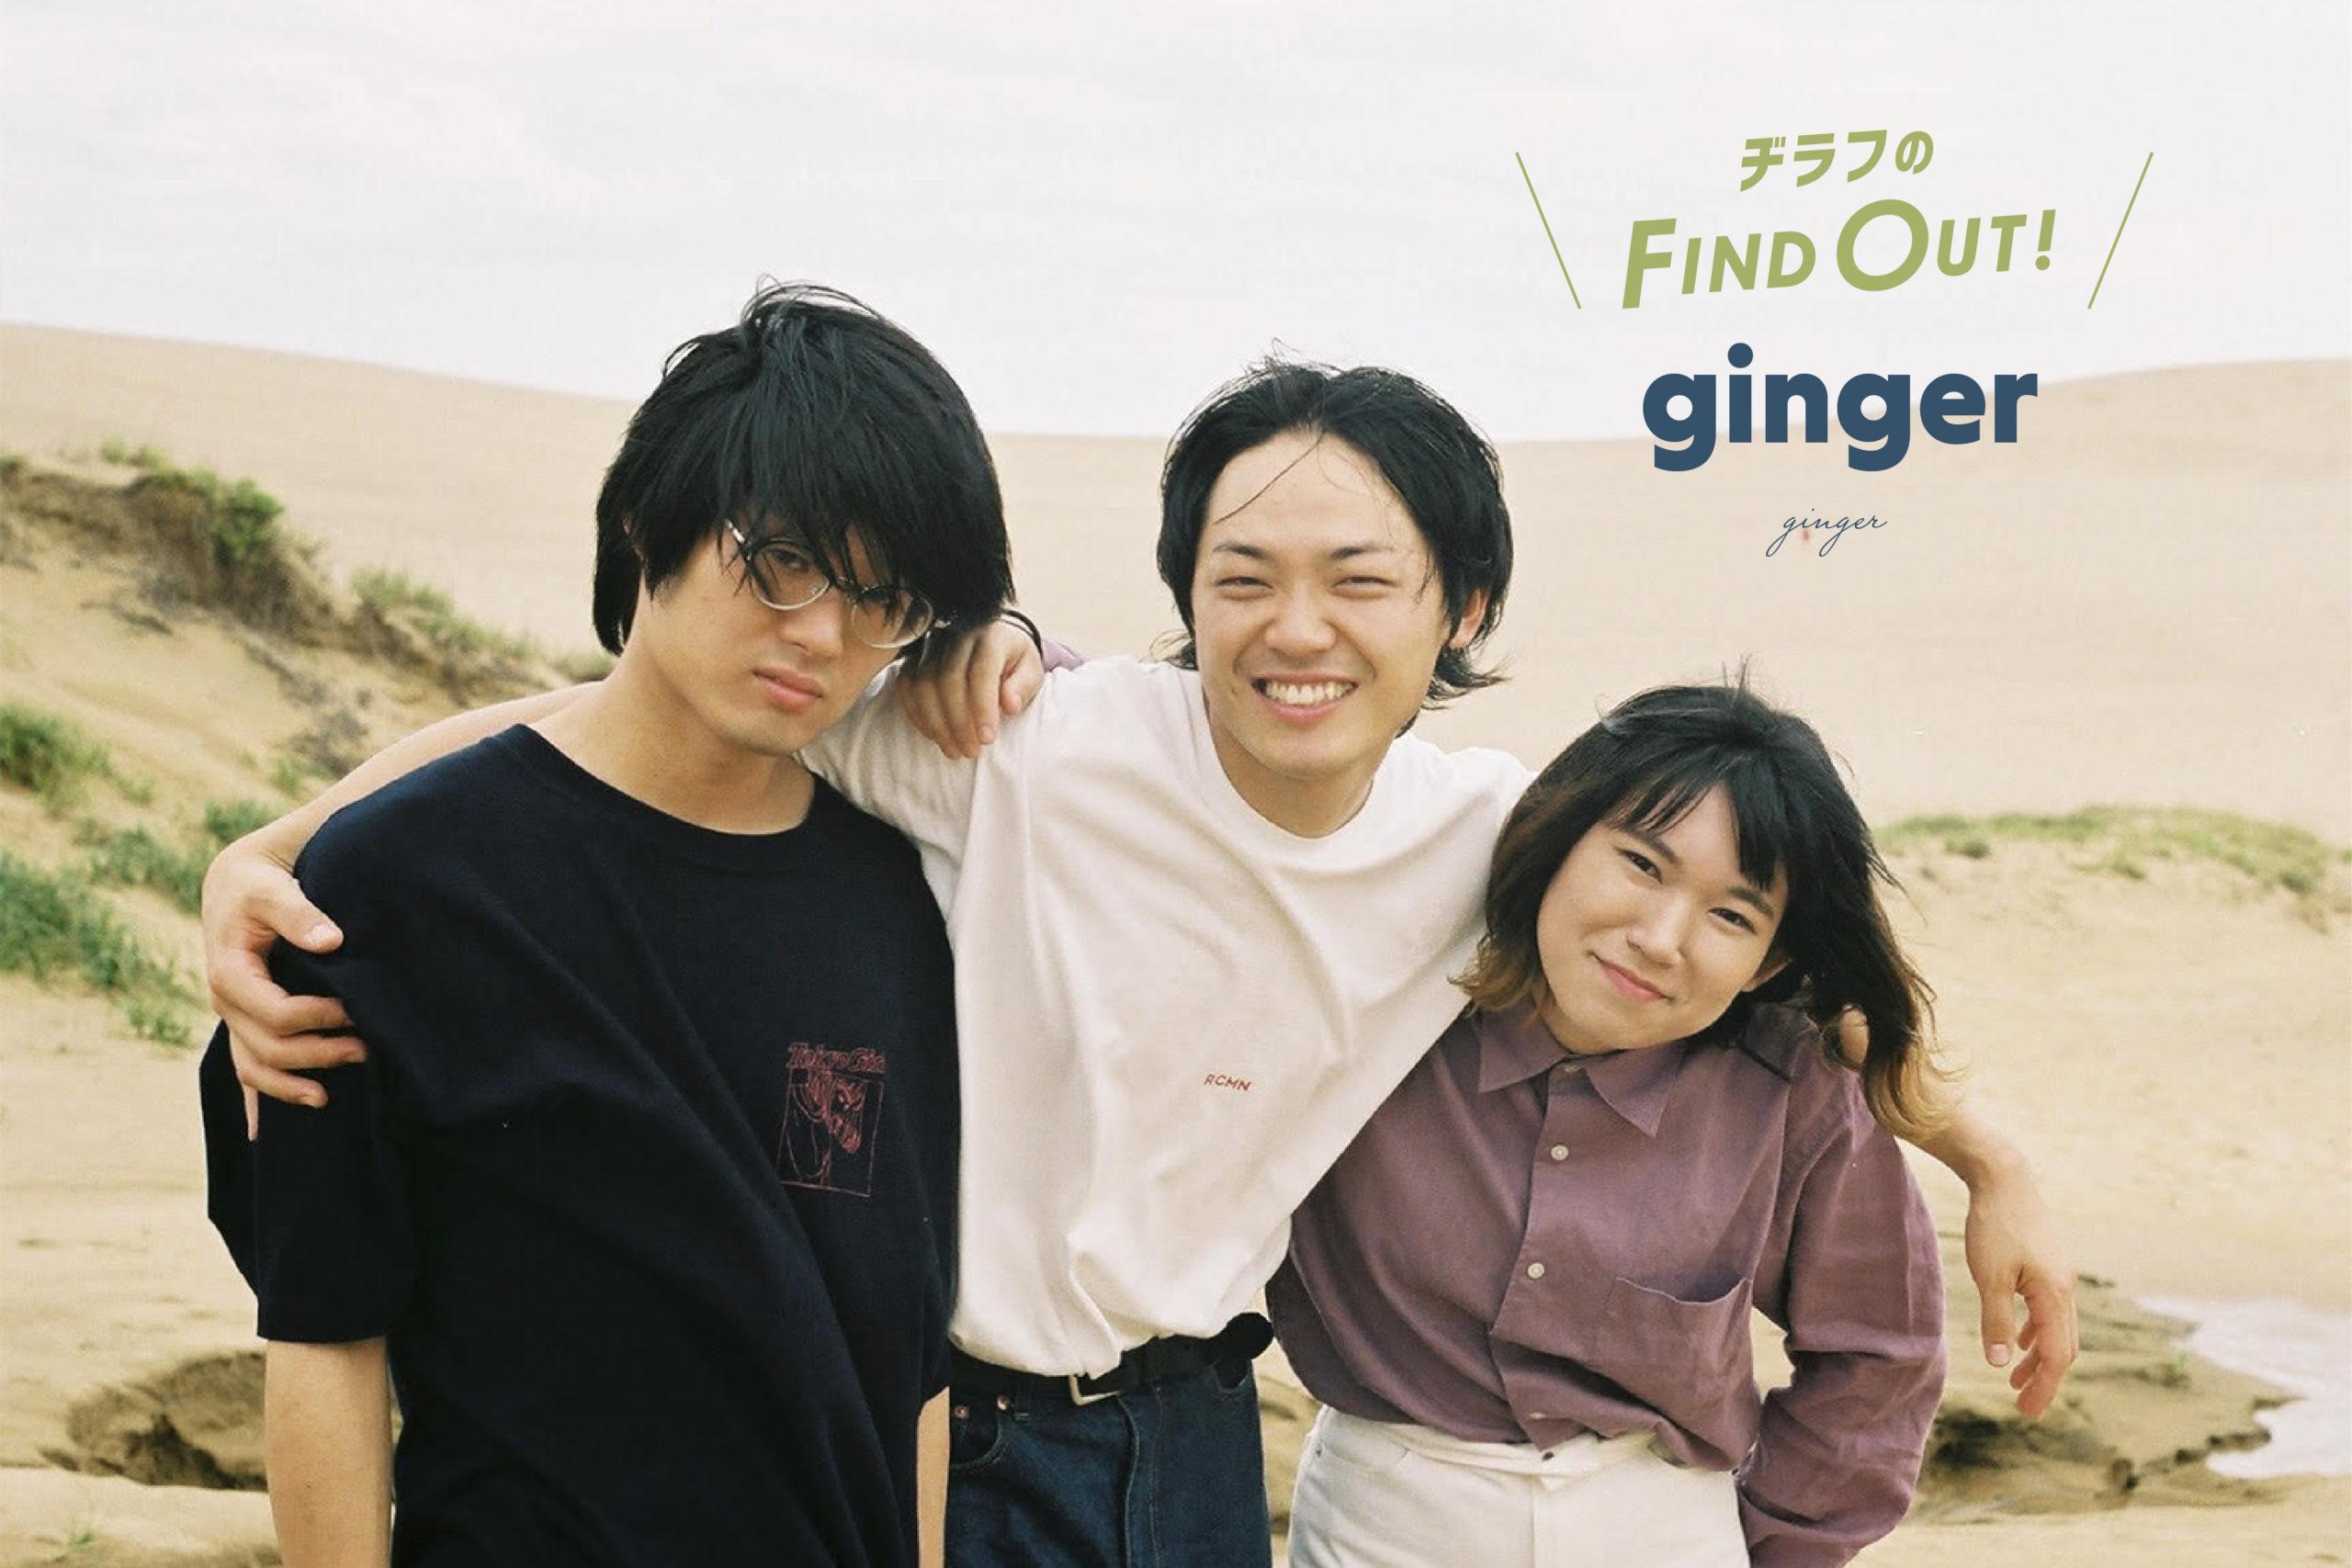 「【ginger】島根県松江市から、欲張りで多彩な音色を届けるバンド」のアイキャッチ画像